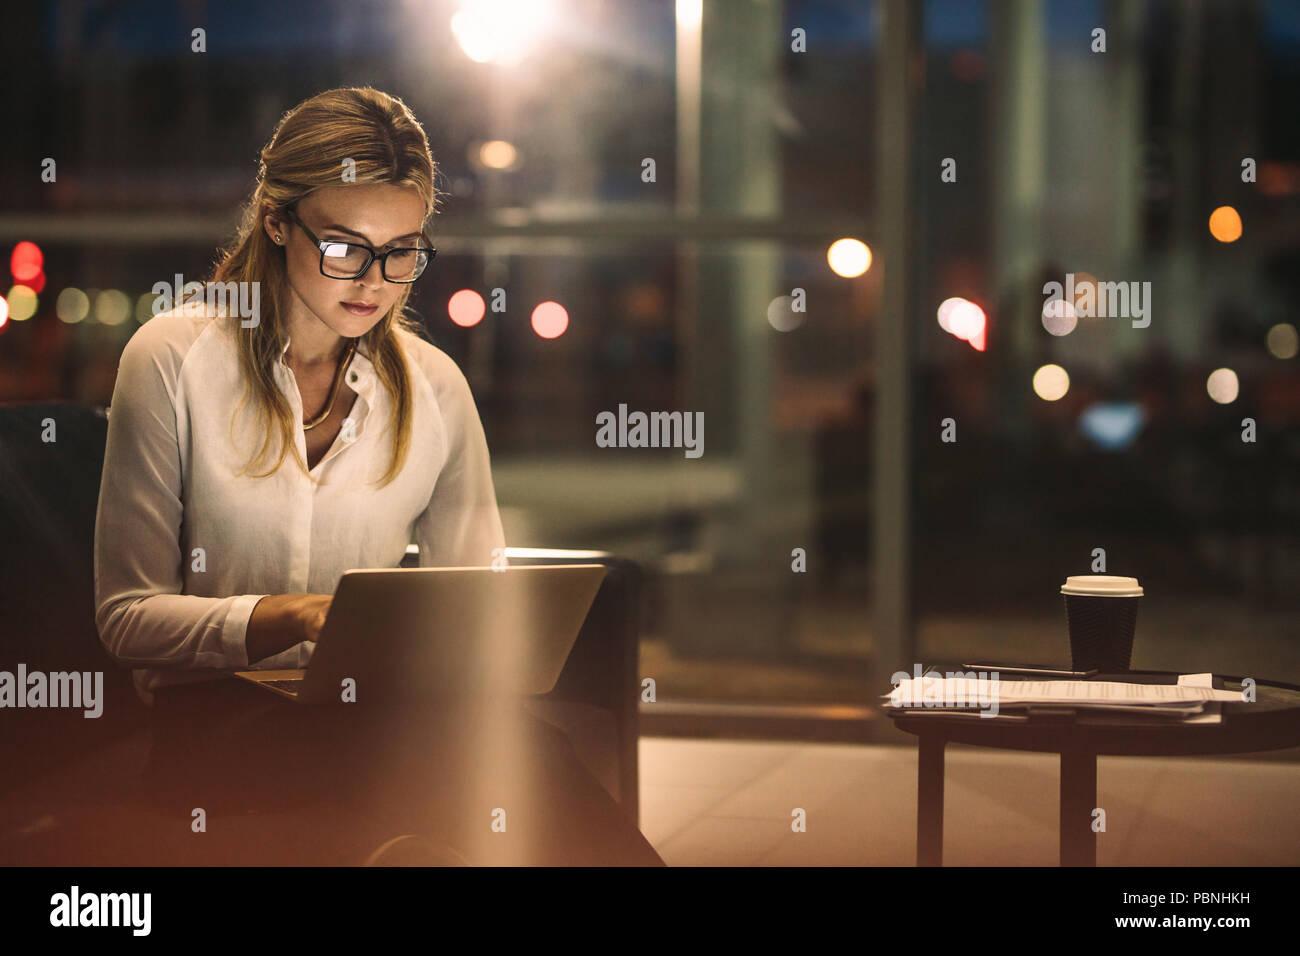 Jeune femme travaillant sur l'ordinateur tard dans la nuit. Caucasian businesswoman travaillant des heures supplémentaires au bureau pour terminer le projet dans les délais. Photo Stock